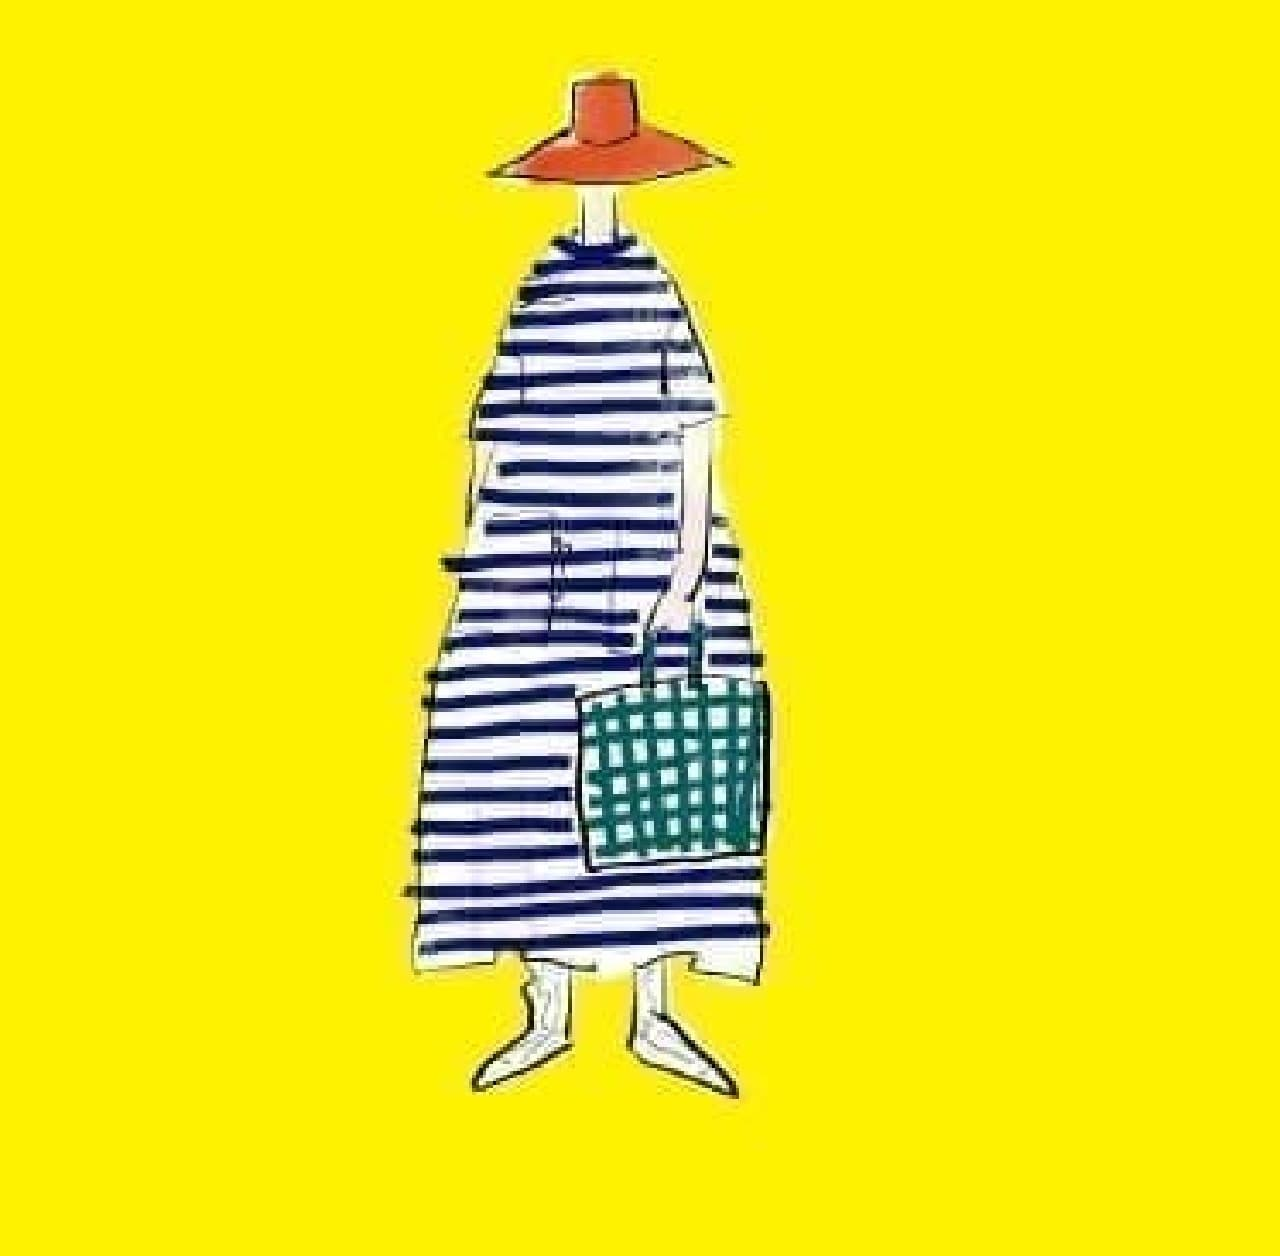 パルコのファッションプロジェクト「はいけい、ディック・ブルーナ」